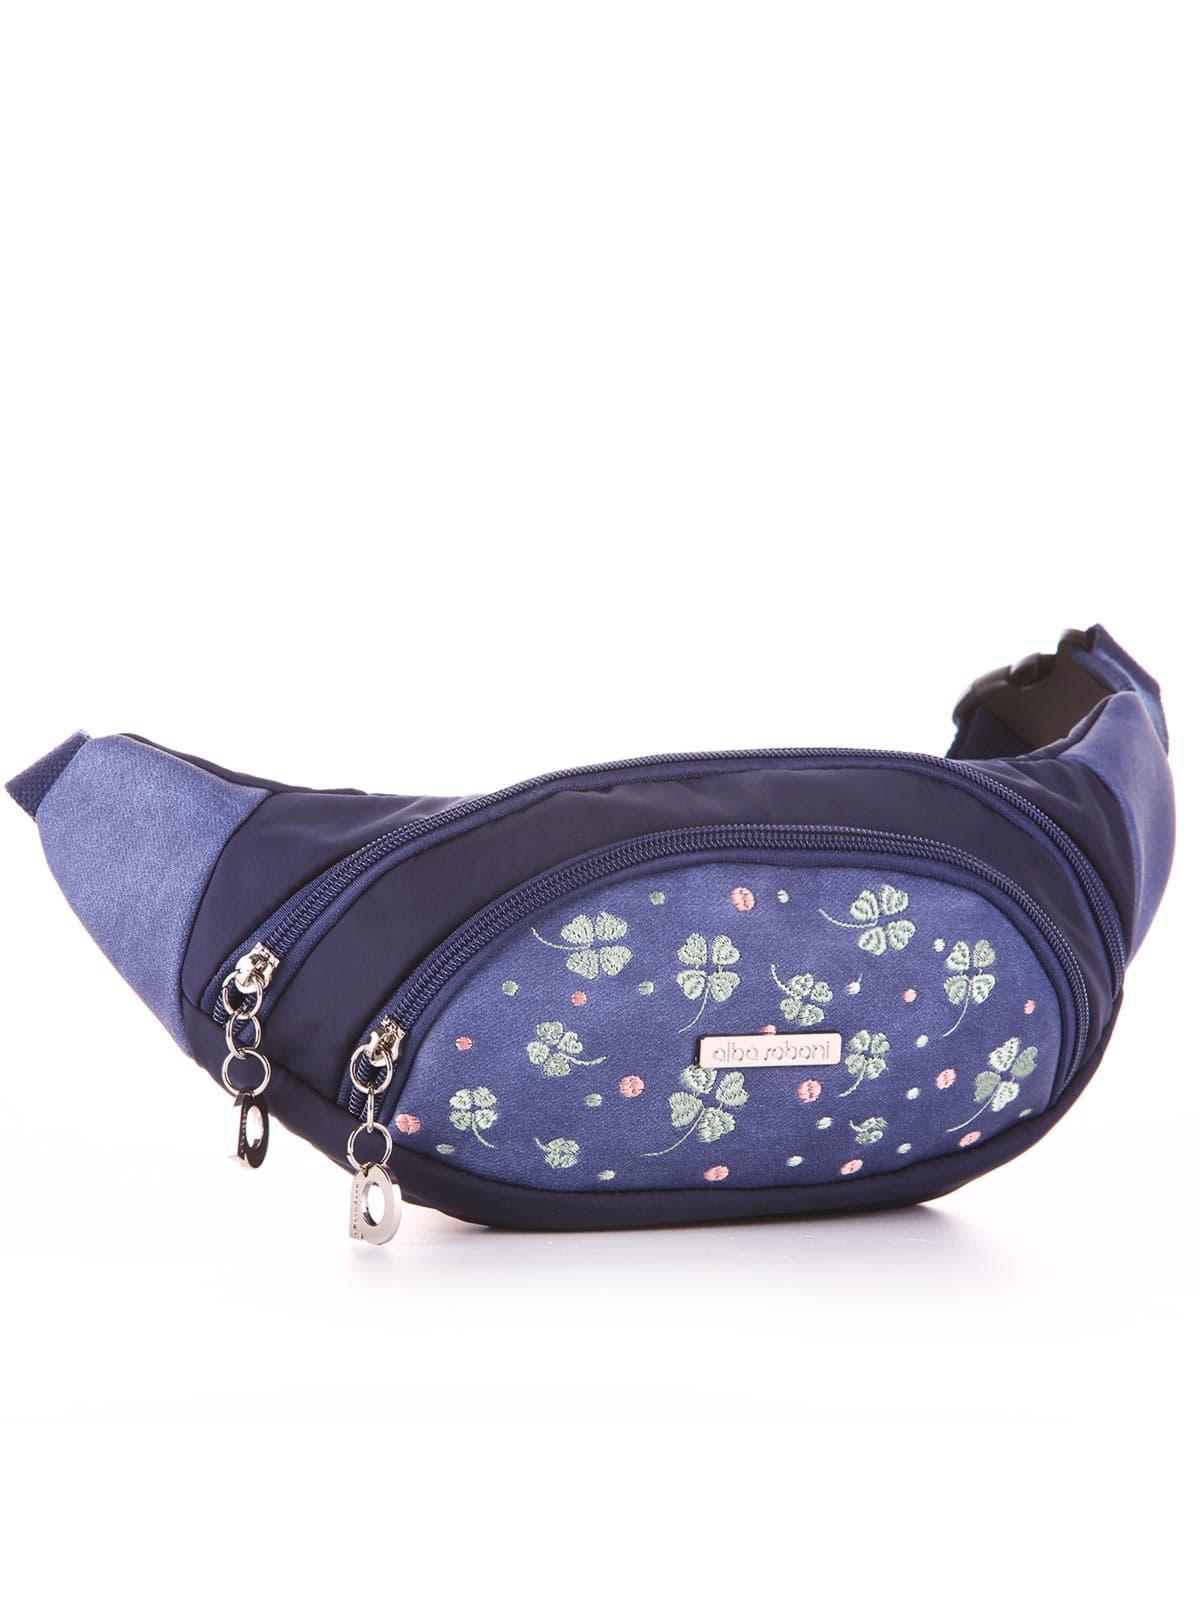 Модная сумка на пояс, модель 183882 синий. Фото товара, вид сзади.